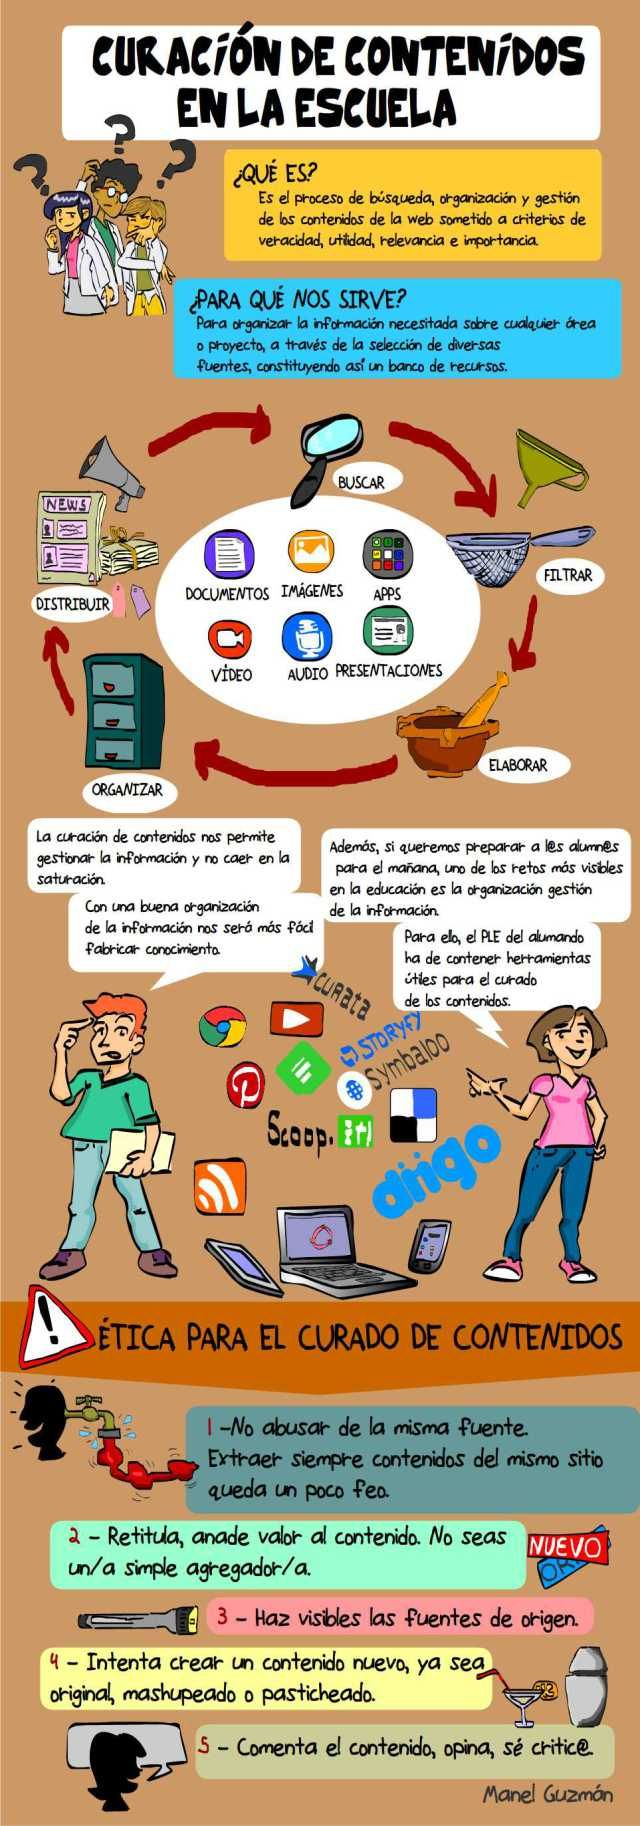 Curación de contenidos en la escuela by @ManelGuzm #infografia